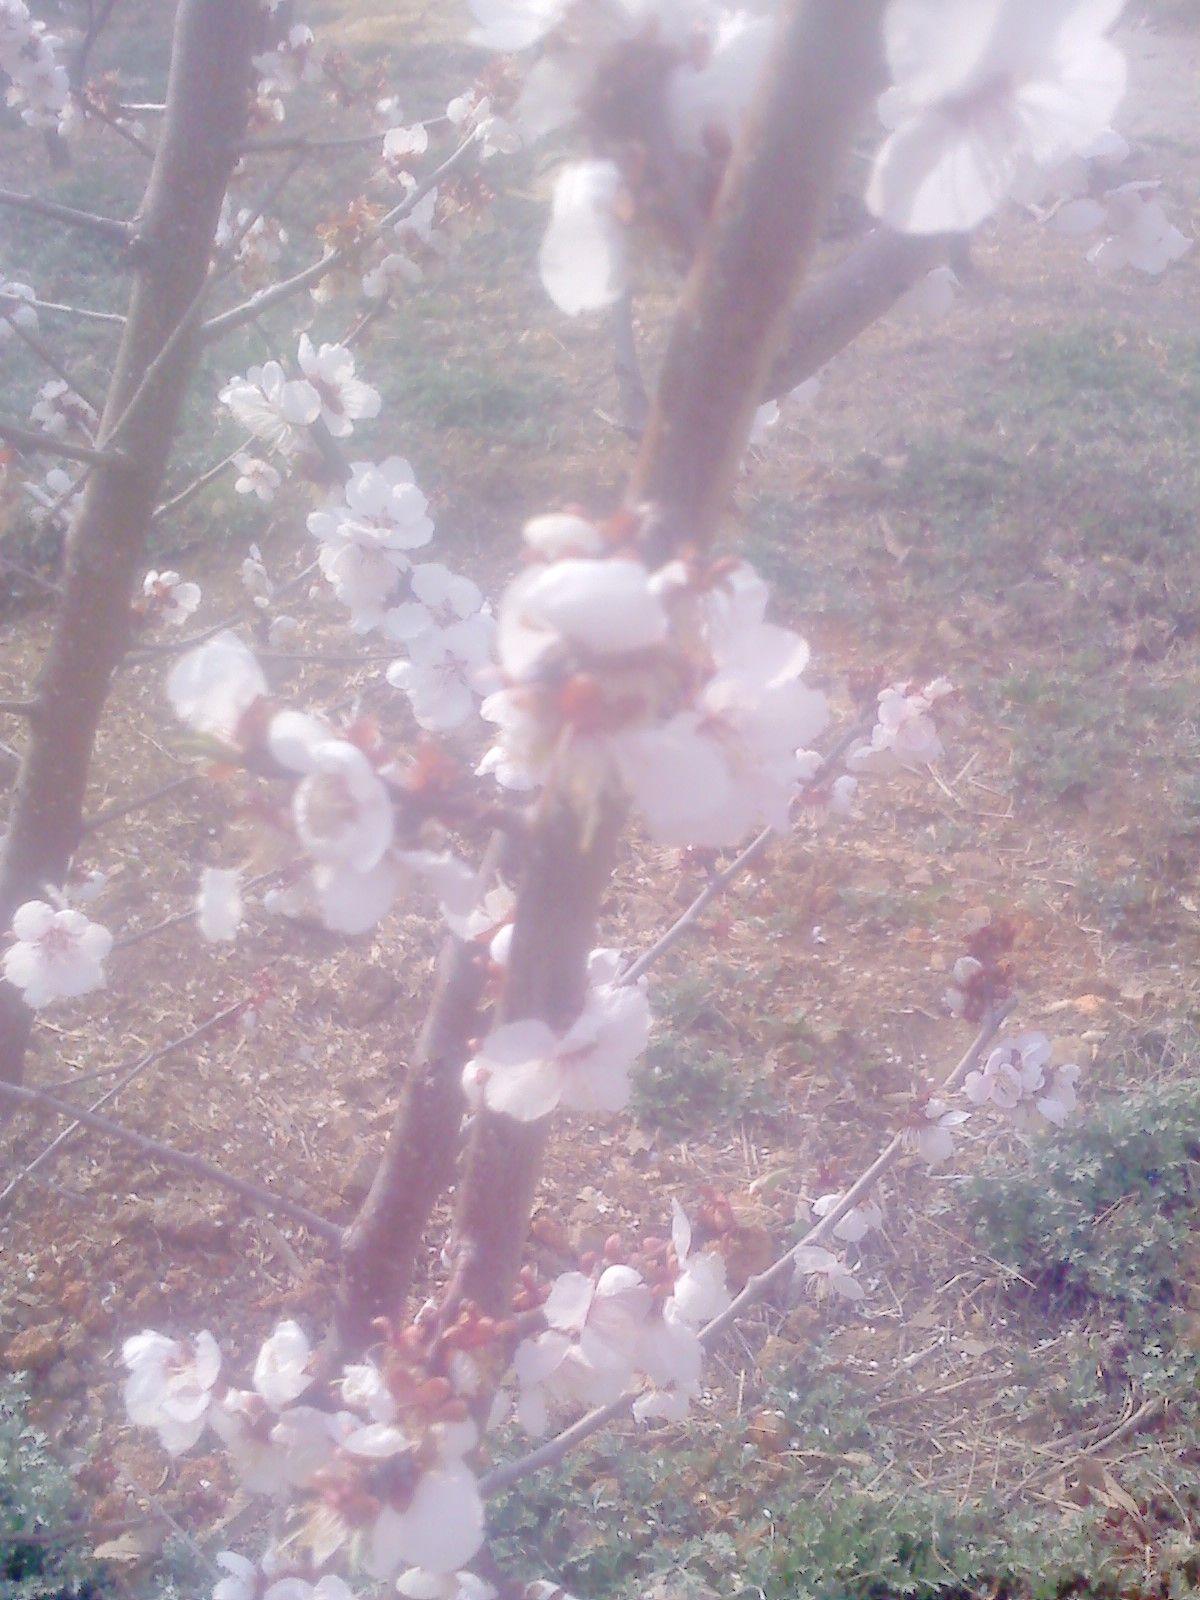 청인정방에 매화 꽃이 만개를 하였습니다.    올해부터는 매실 소출이 많을 것 같습니다.    쑥도 많이 올라오고.. 상큼한 봄내음이 가득한 청인정방이었습니다.         작성일 : 09-04-13 09:16